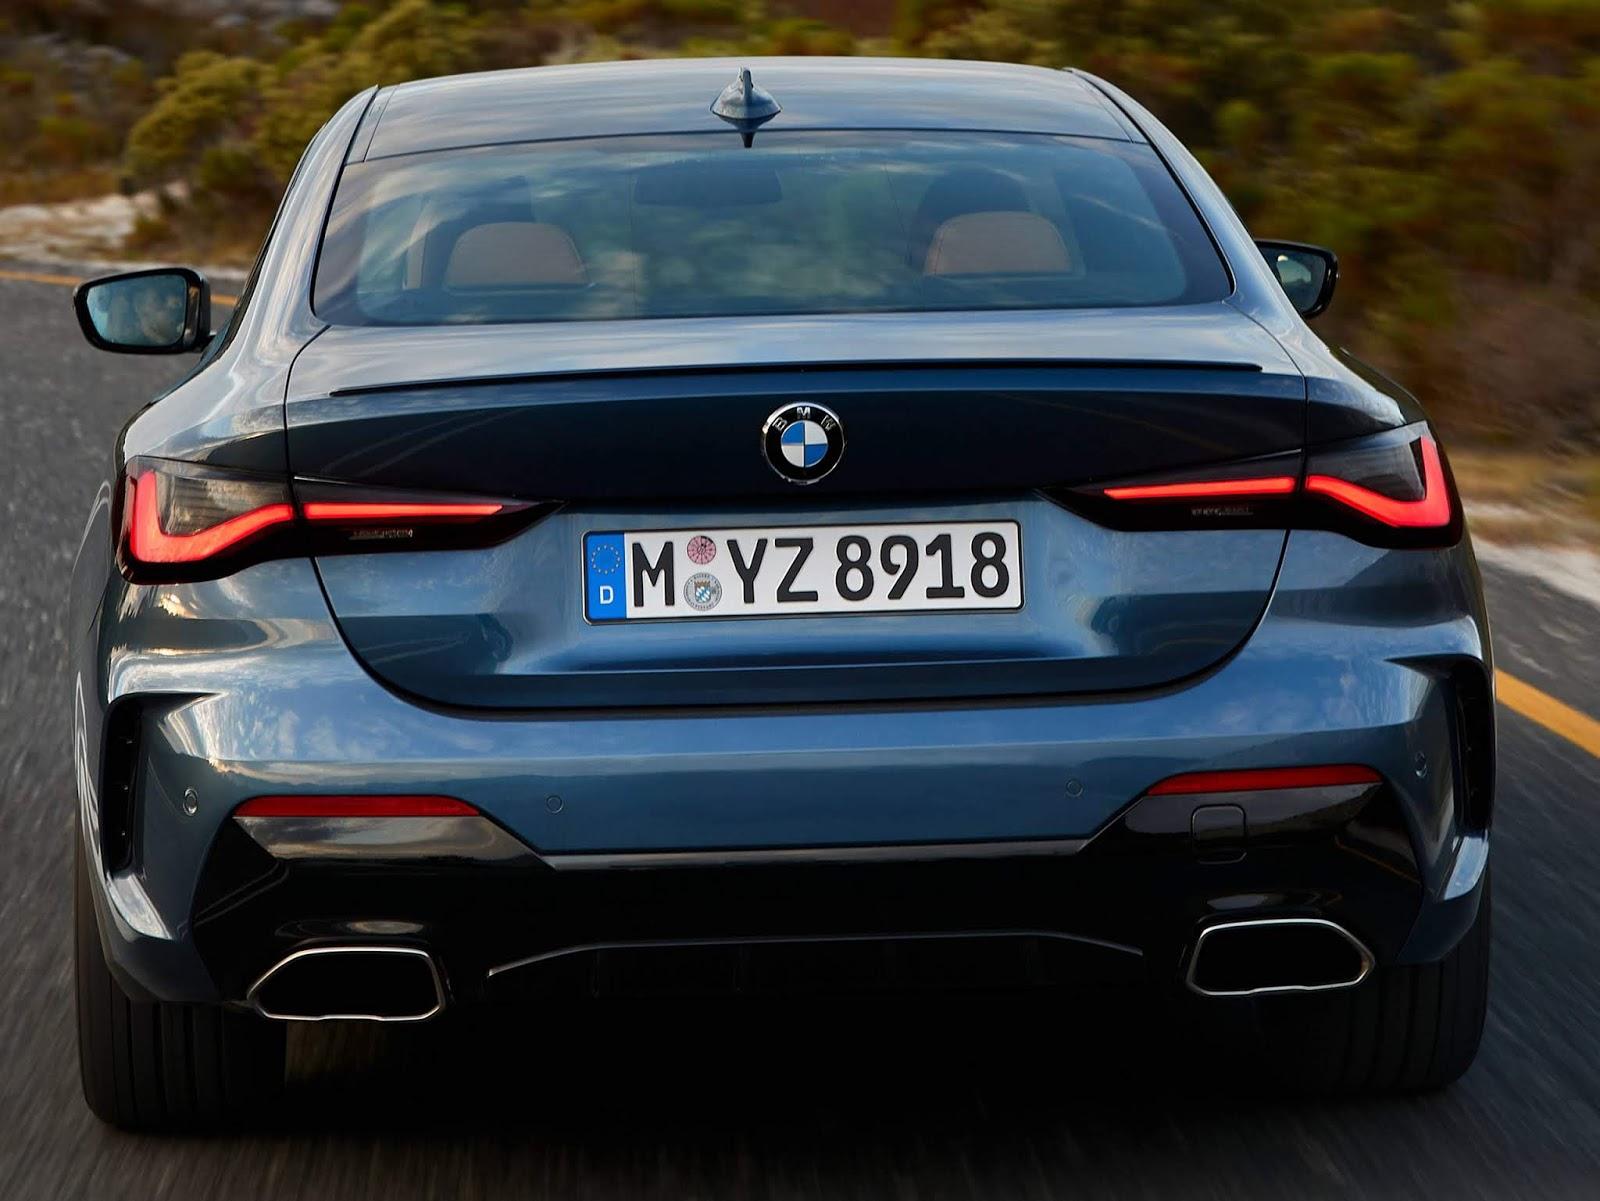 Novo BMW M440i Coupé 2020 chega ao Brasil - preço R$ 575.990